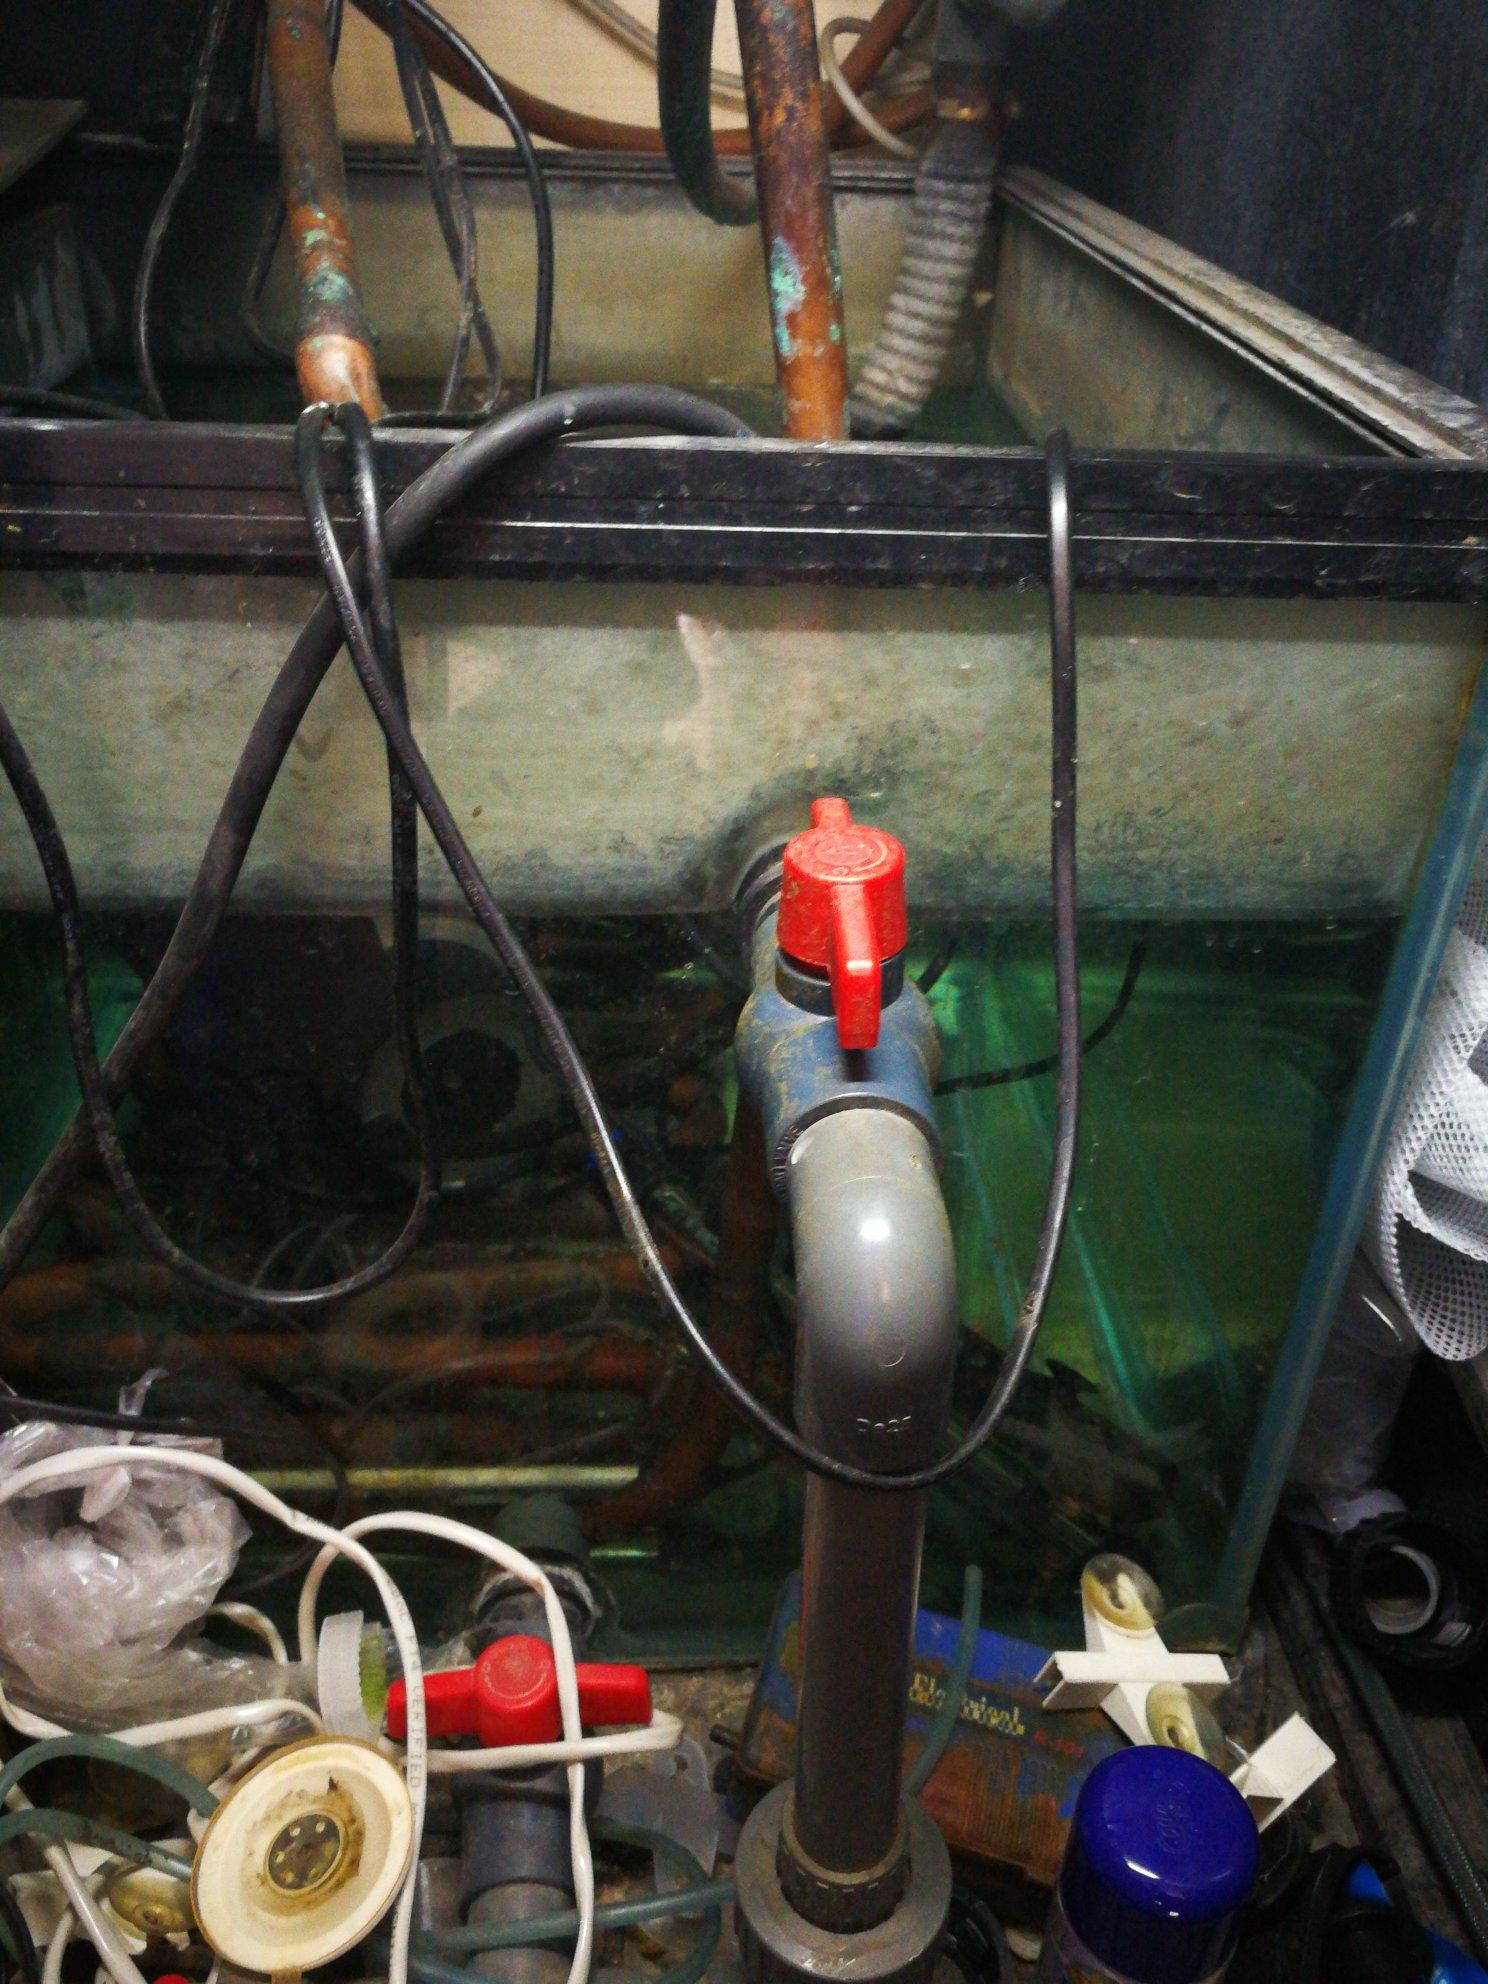 自动换水超级靠谱省心省力还水质稳定 绵阳水族批发市场 绵阳水族批发市场第3张